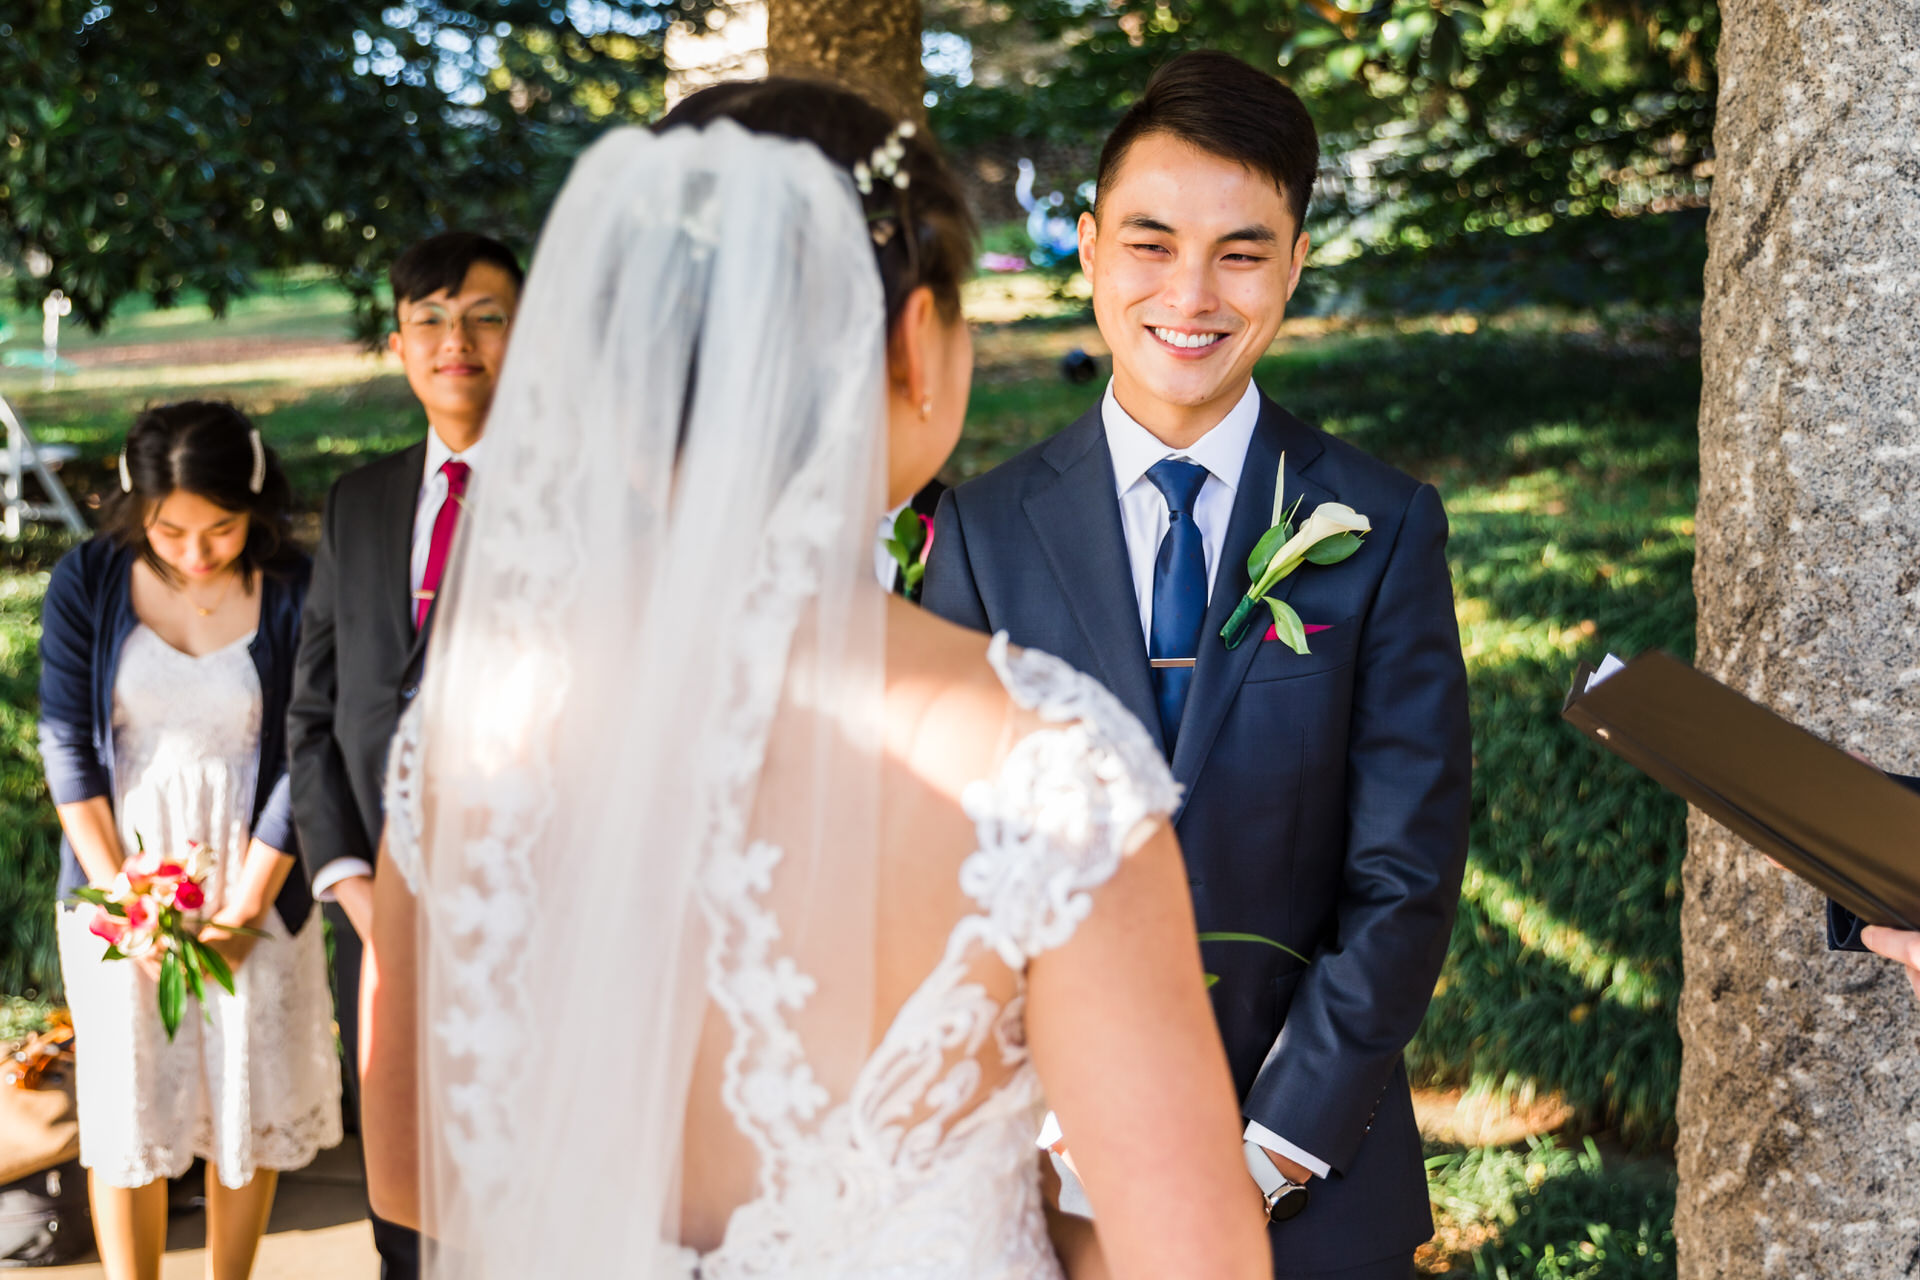 Image de mariage de Richmond en Virginie à Maymont Gardens | regarder la mariée pendant la cérémonie